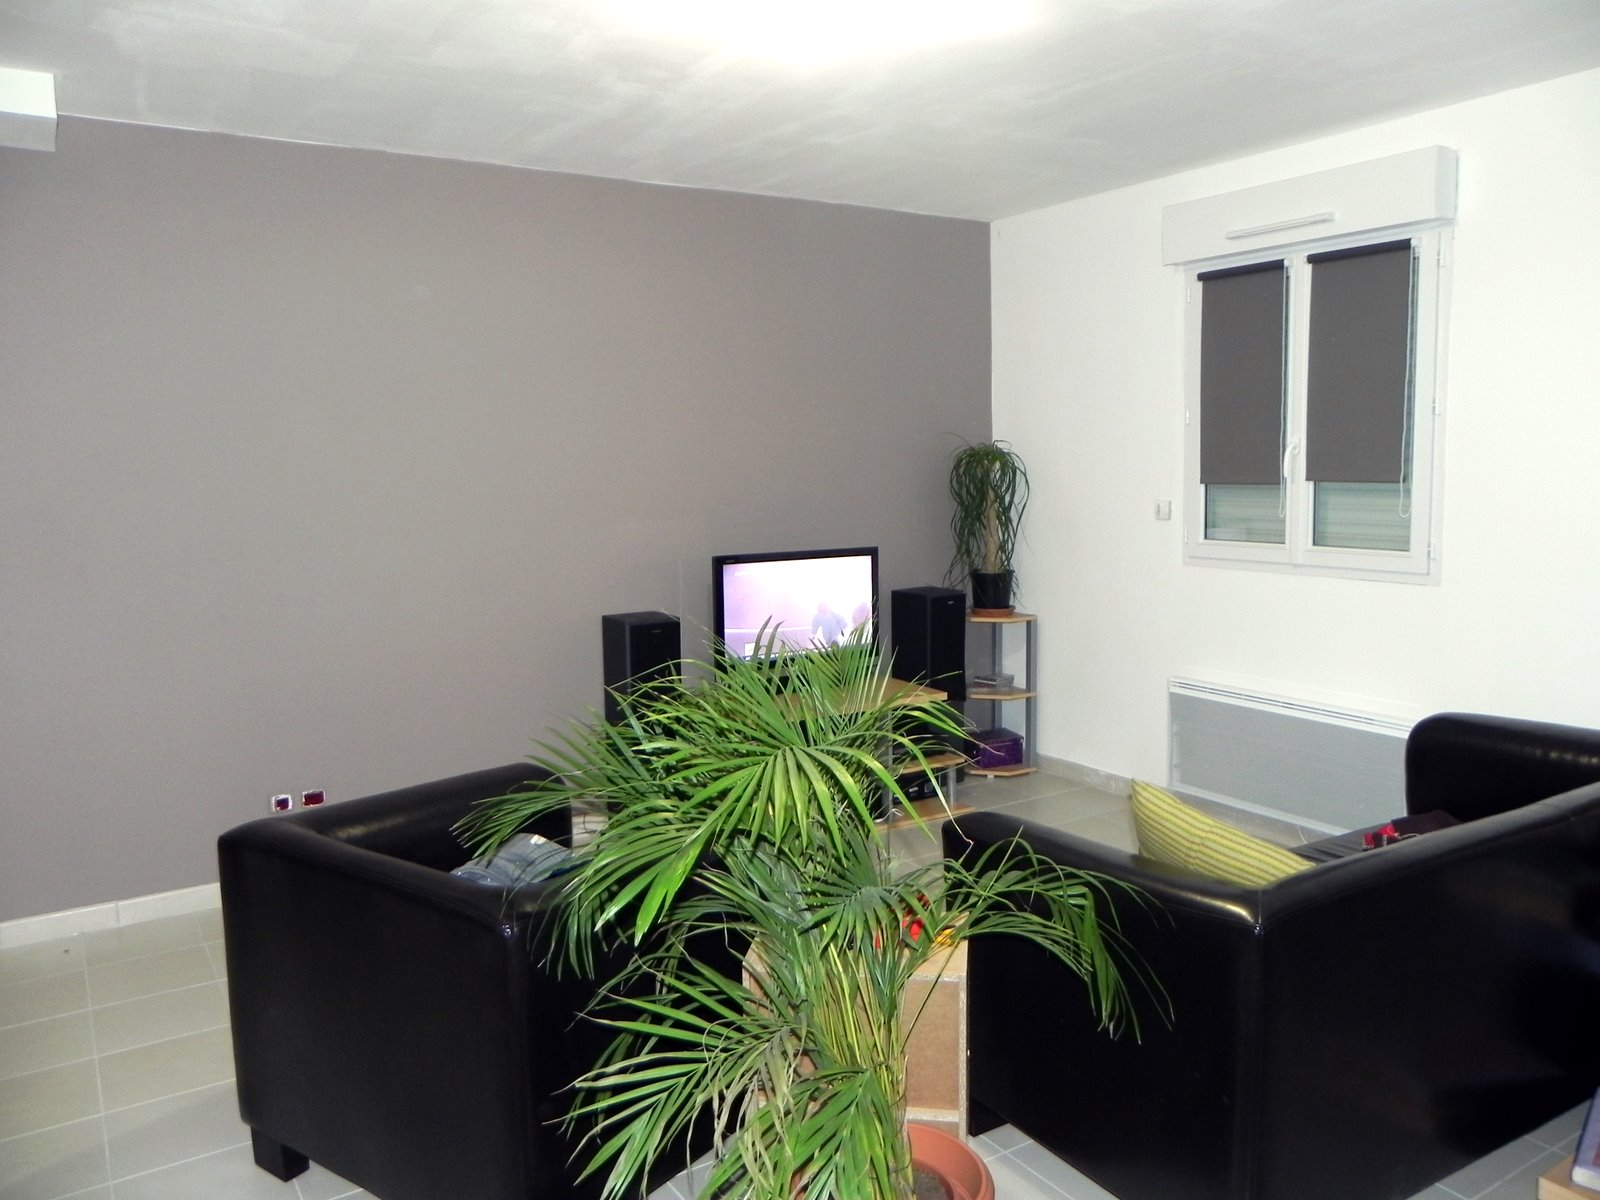 notre petit chez nous gaelle alann et moi peinture. Black Bedroom Furniture Sets. Home Design Ideas